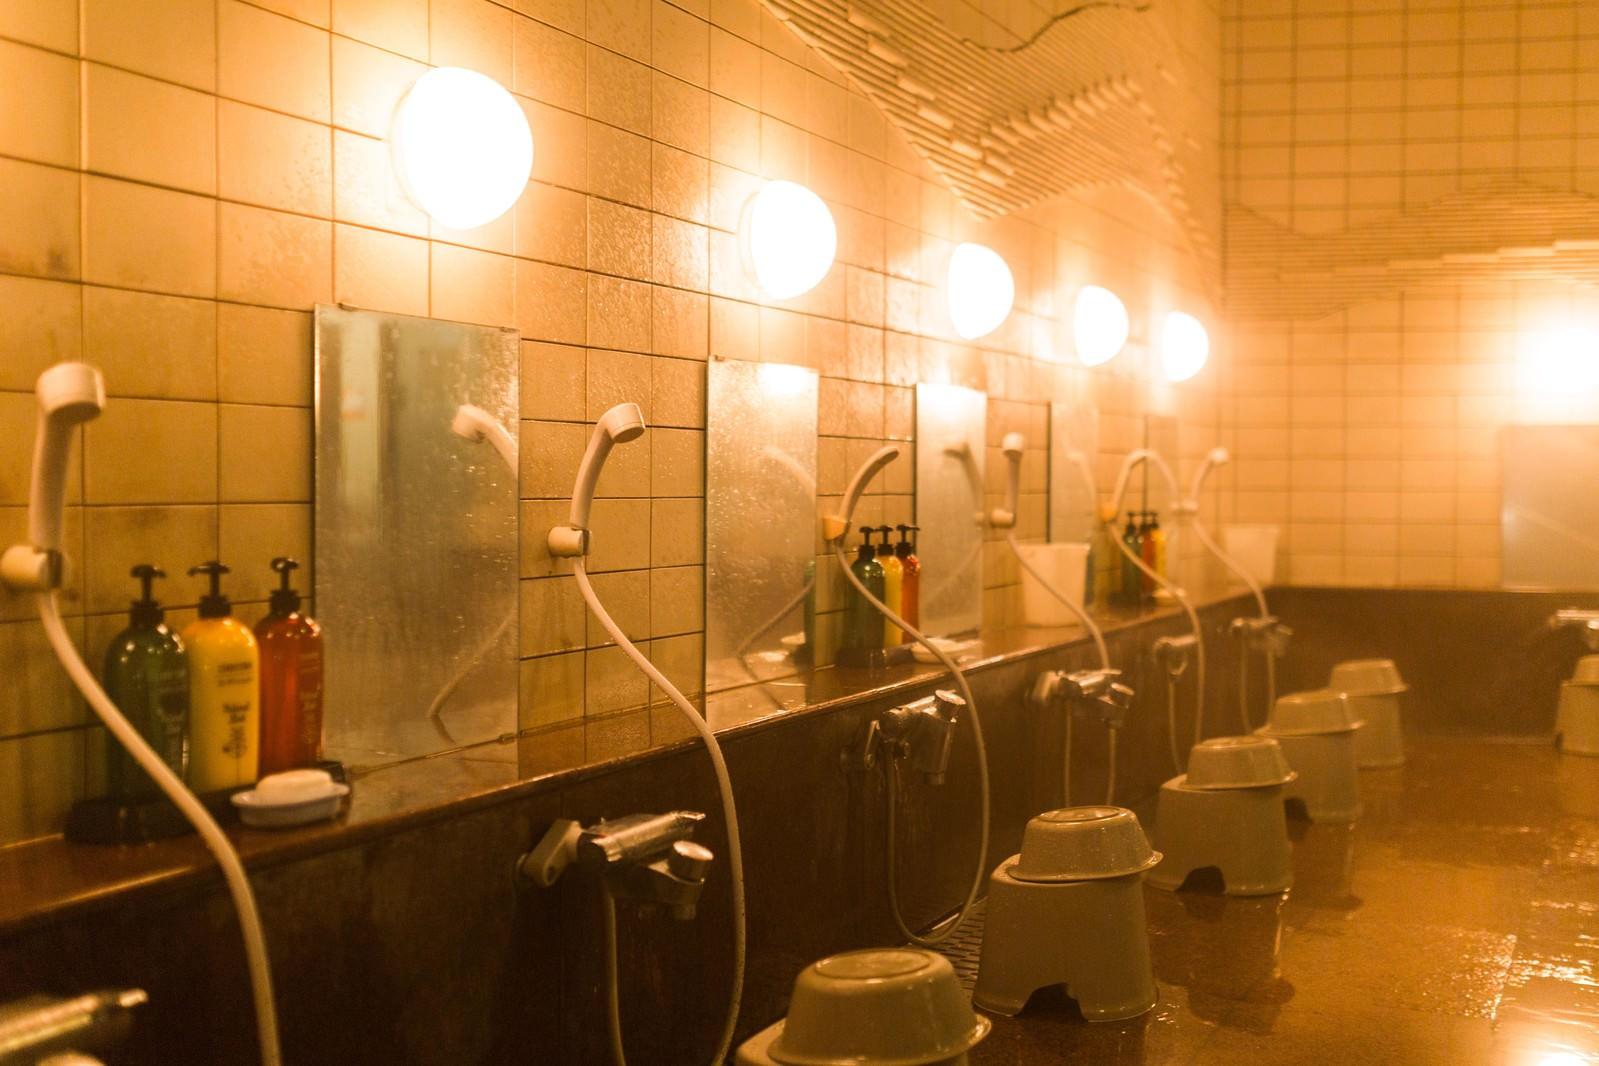 「浴場(鏡とシャワー)浴場(鏡とシャワー)」のフリー写真素材を拡大